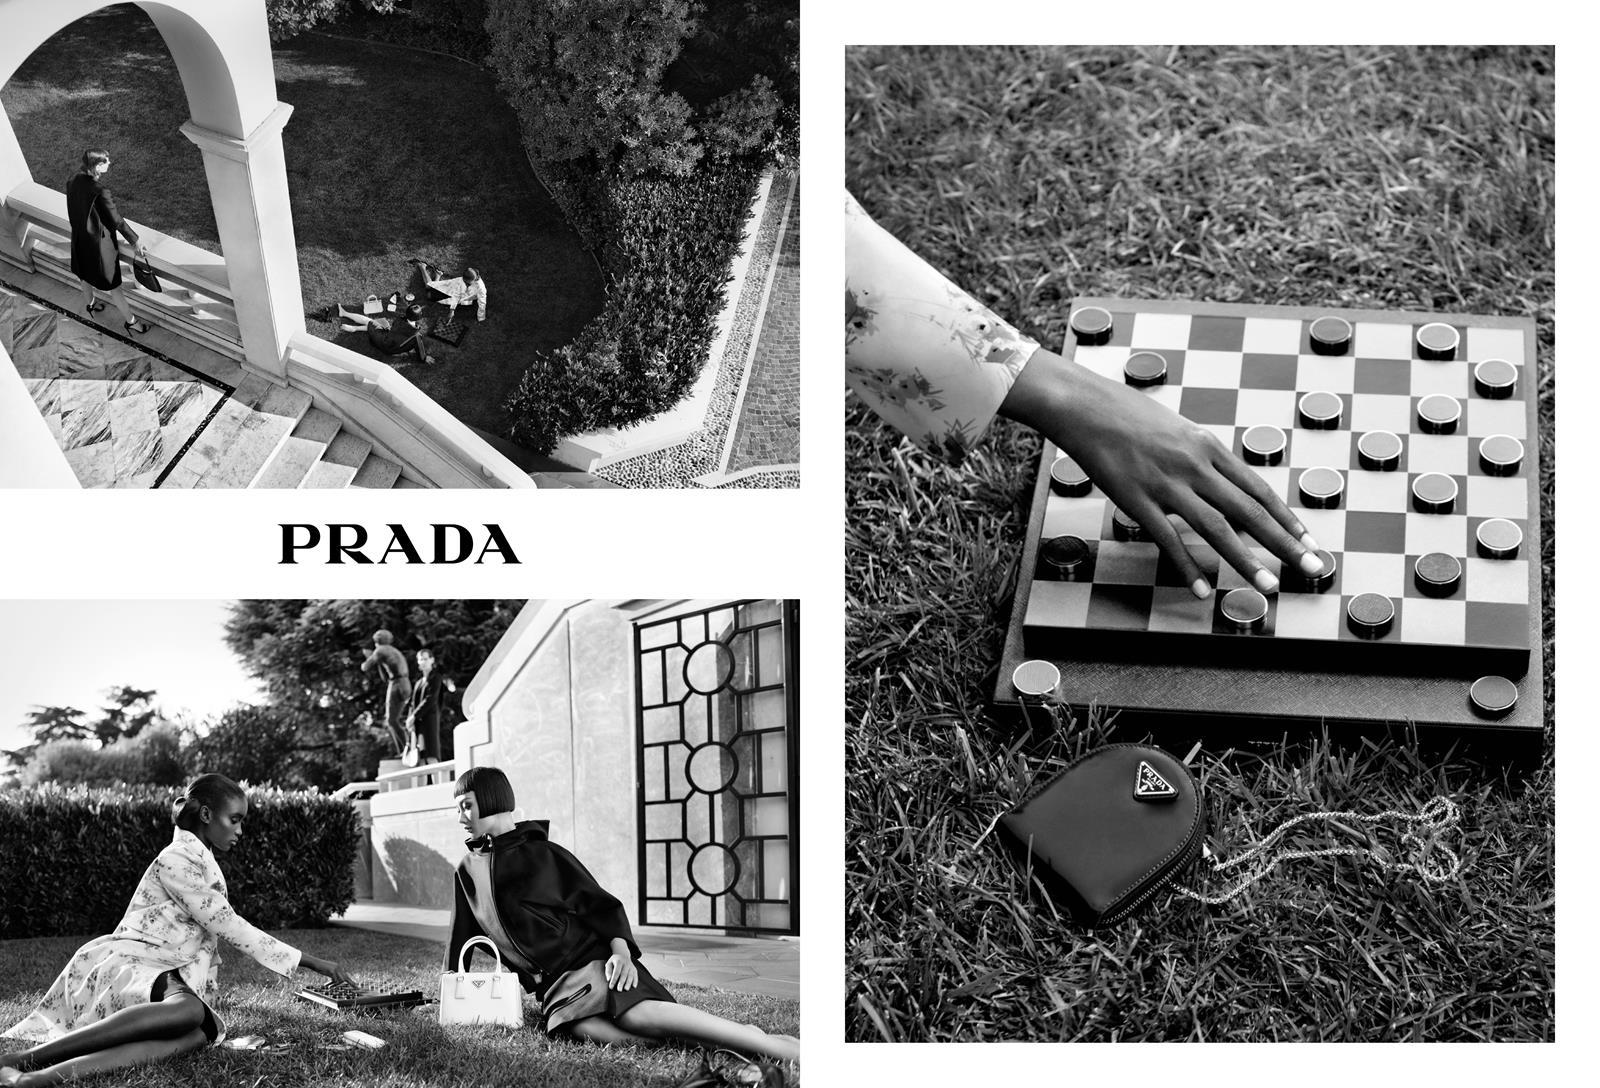 campagna pubblicitaria prada steven meisel fotografo di moda